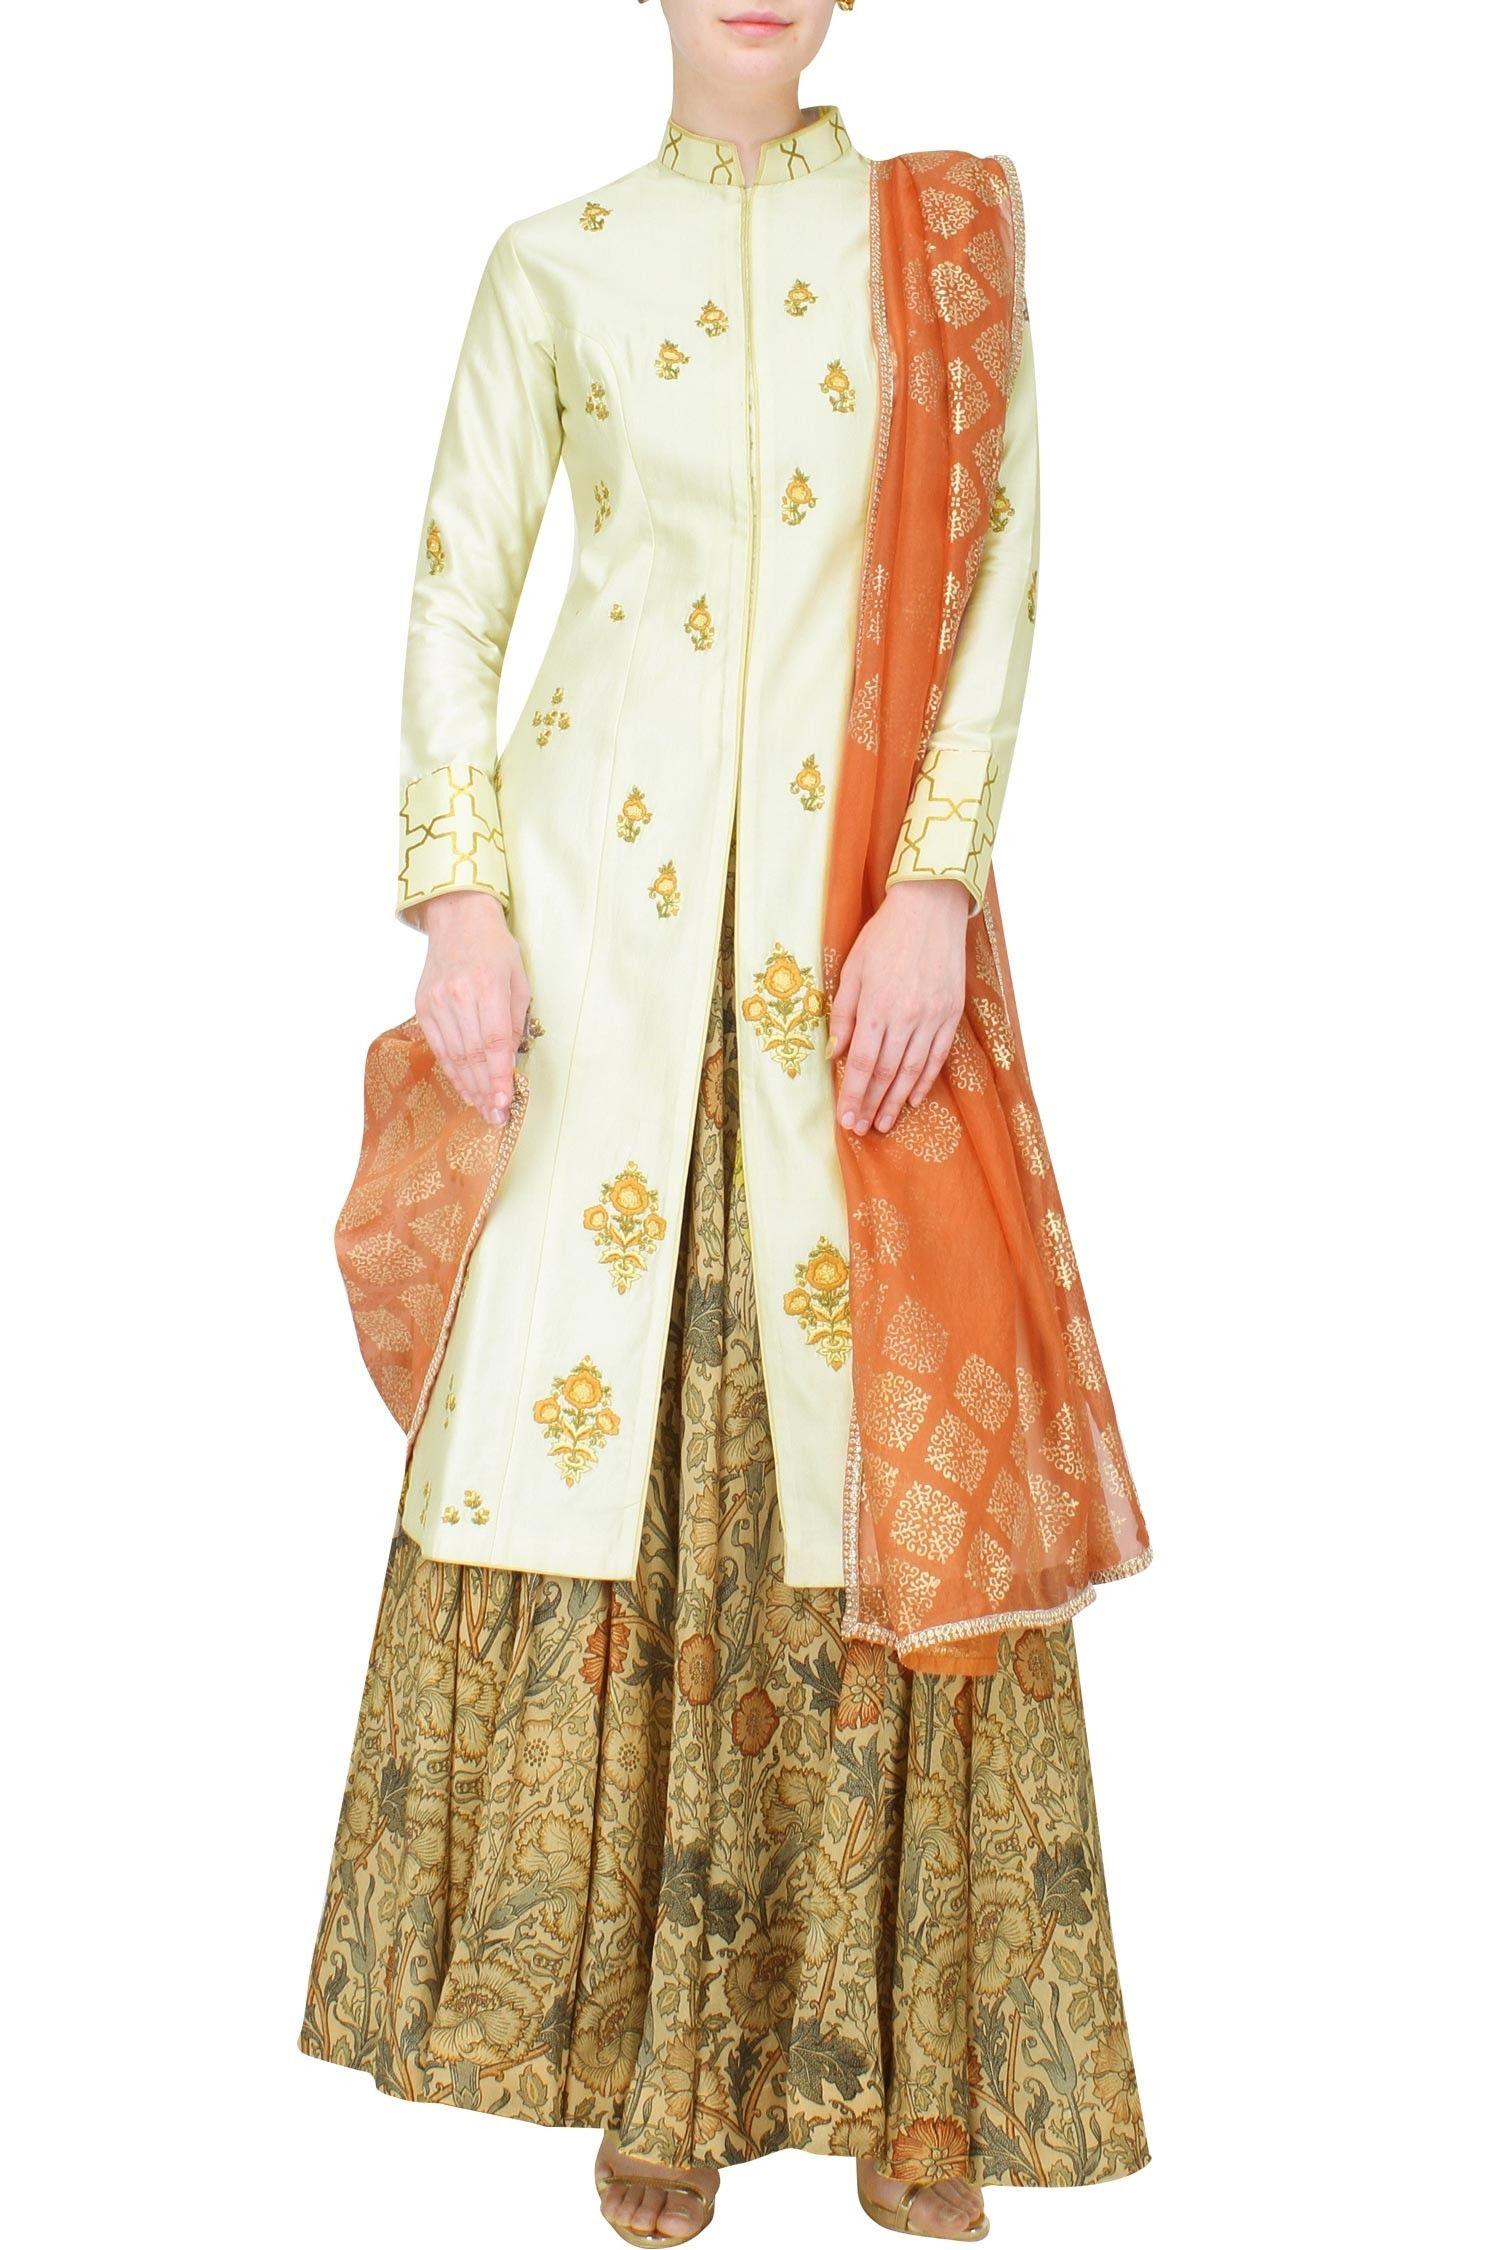 Pin by nitya rahul wedding on outfit ideas pinterest sherwani